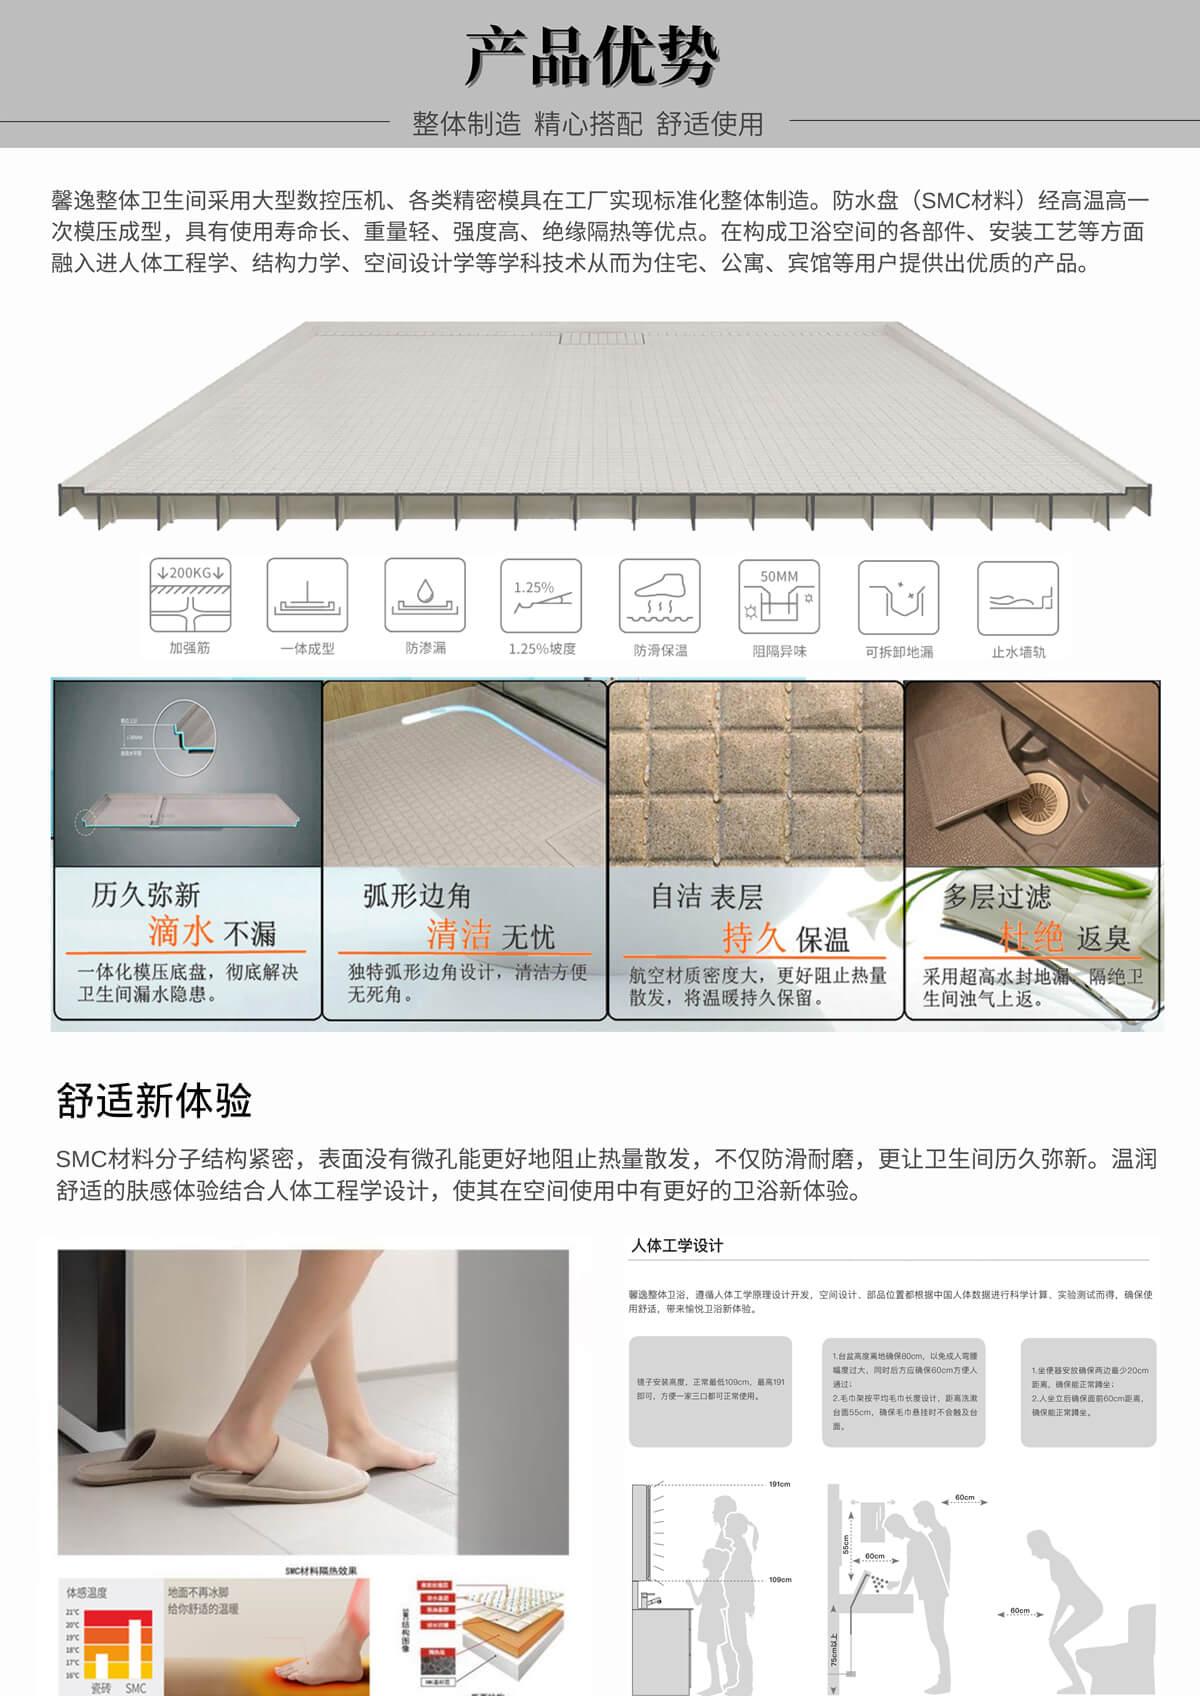 馨逸整体卫浴产品介绍1